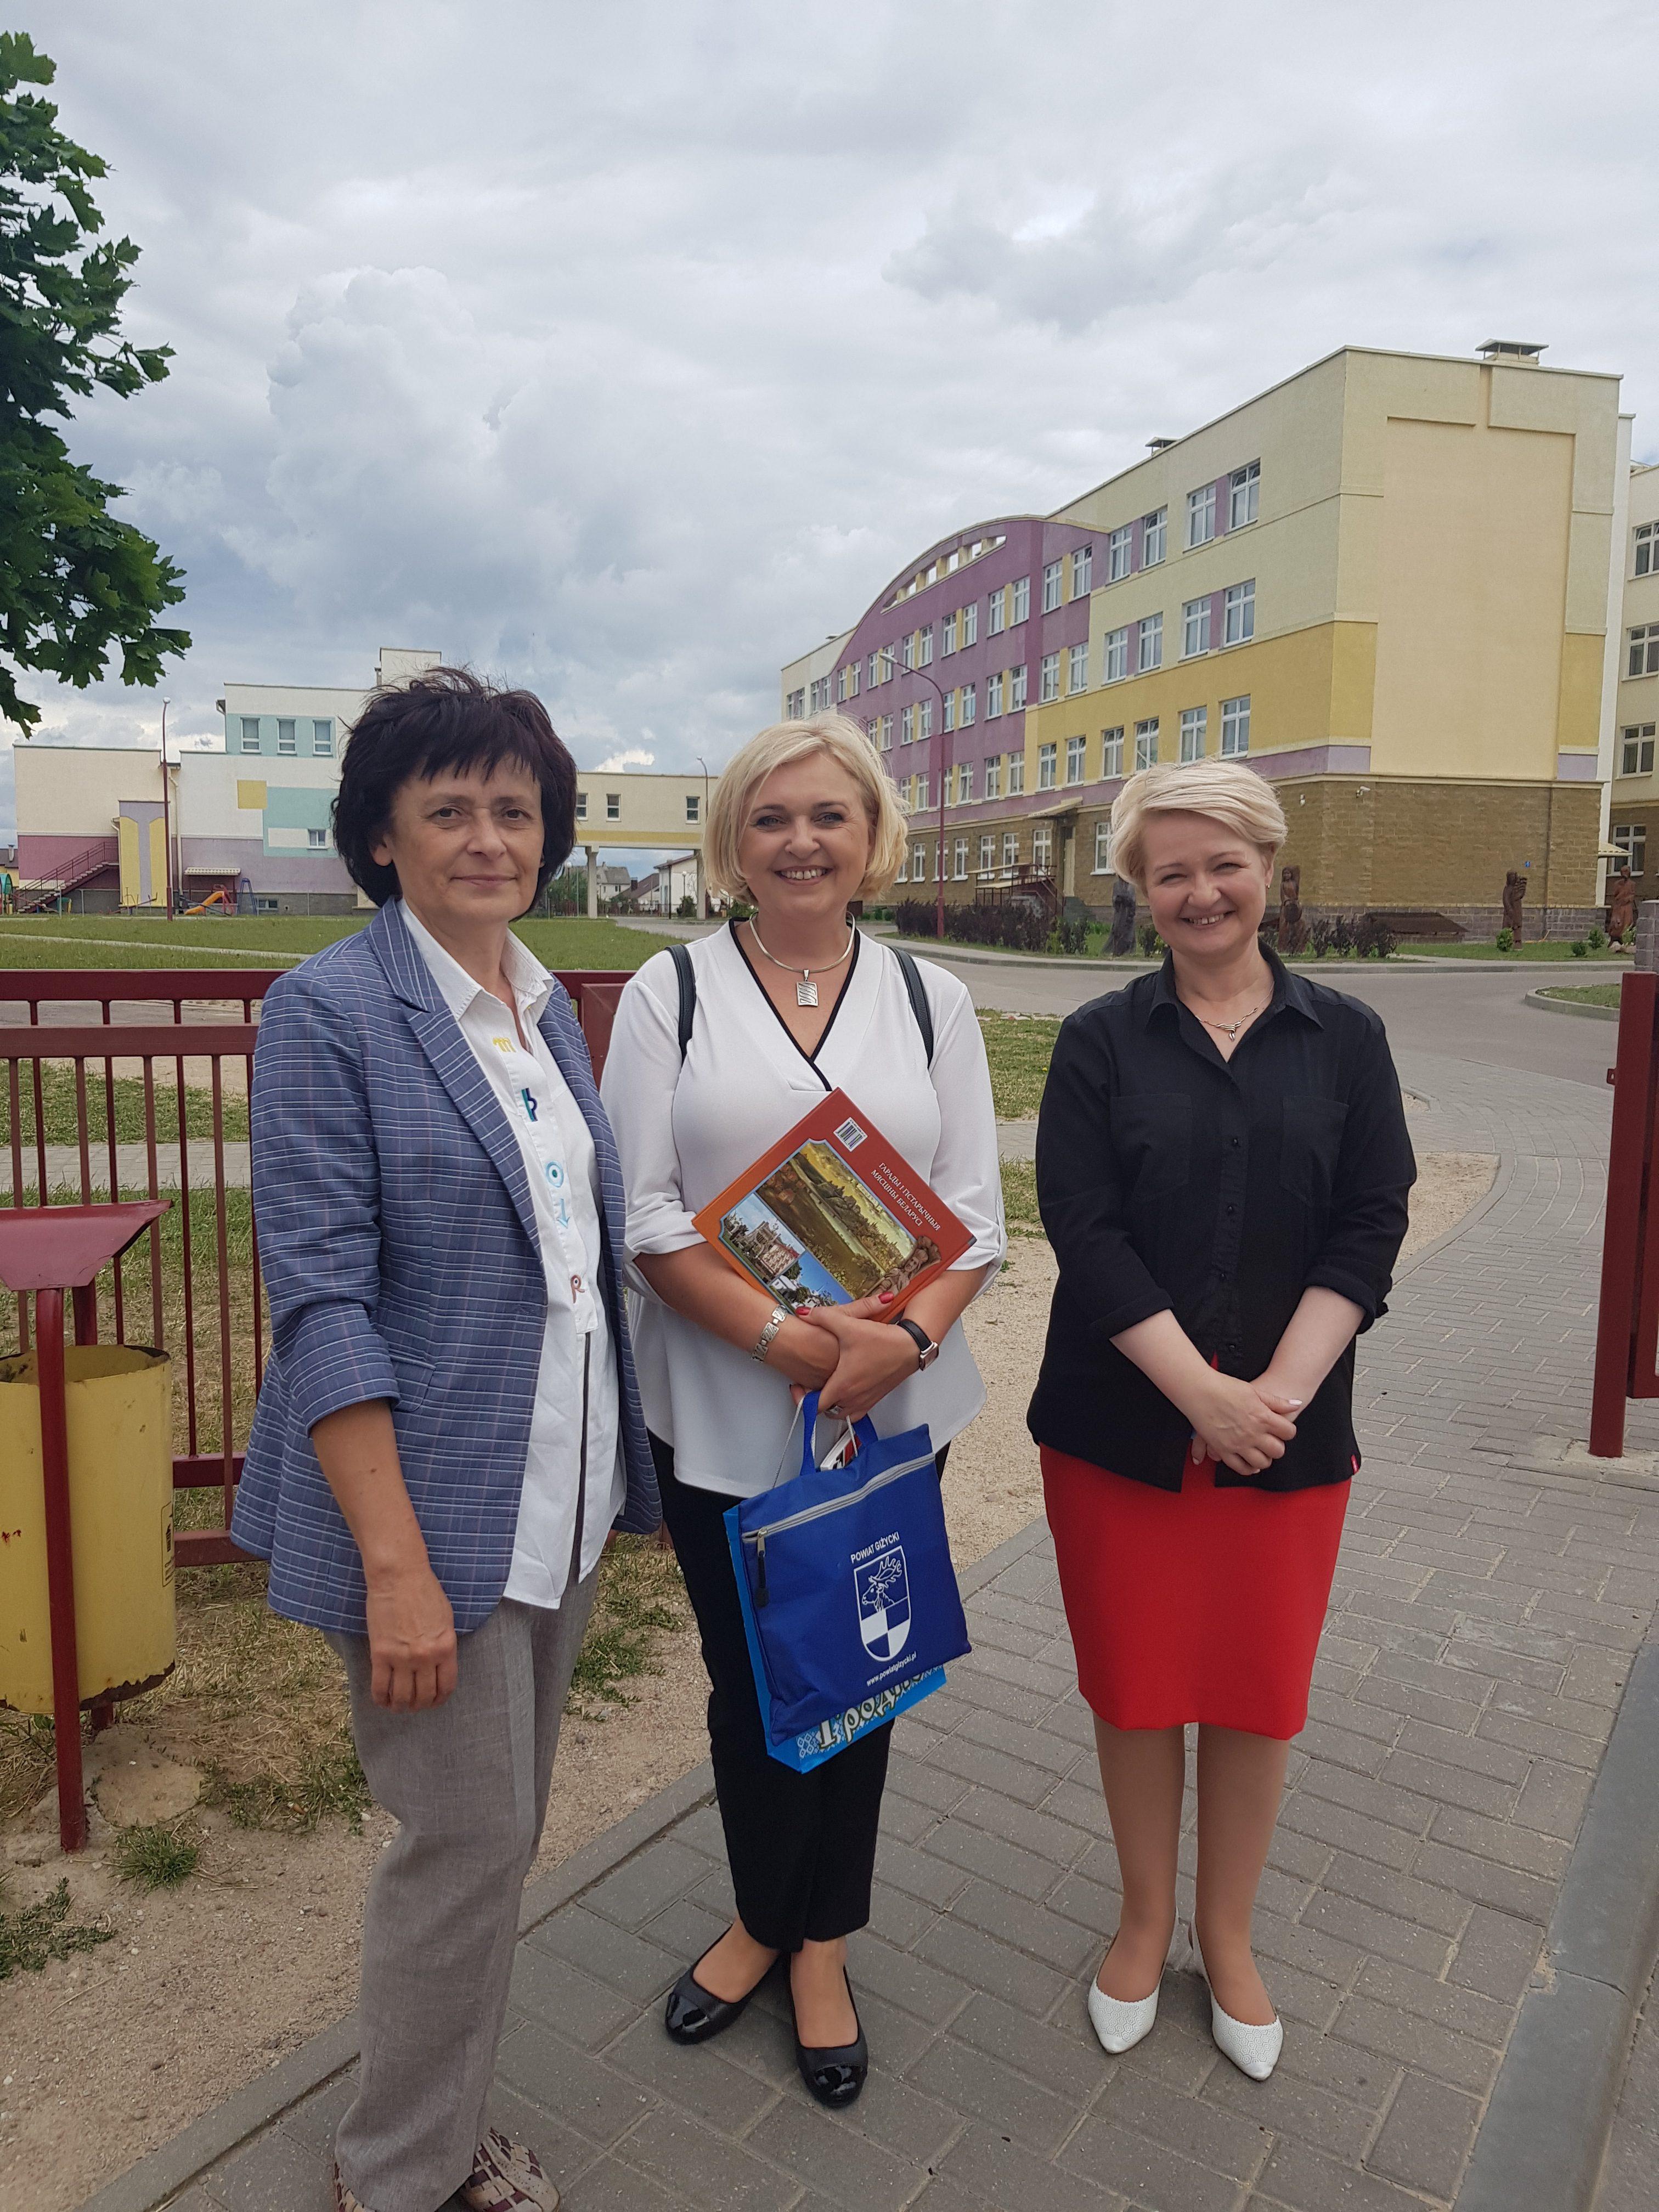 Alytaus jaunimo centras pasirašė bendradarbiavimo sutartį su Gardino (Baltarusija) vidurine mokykla nr. 39